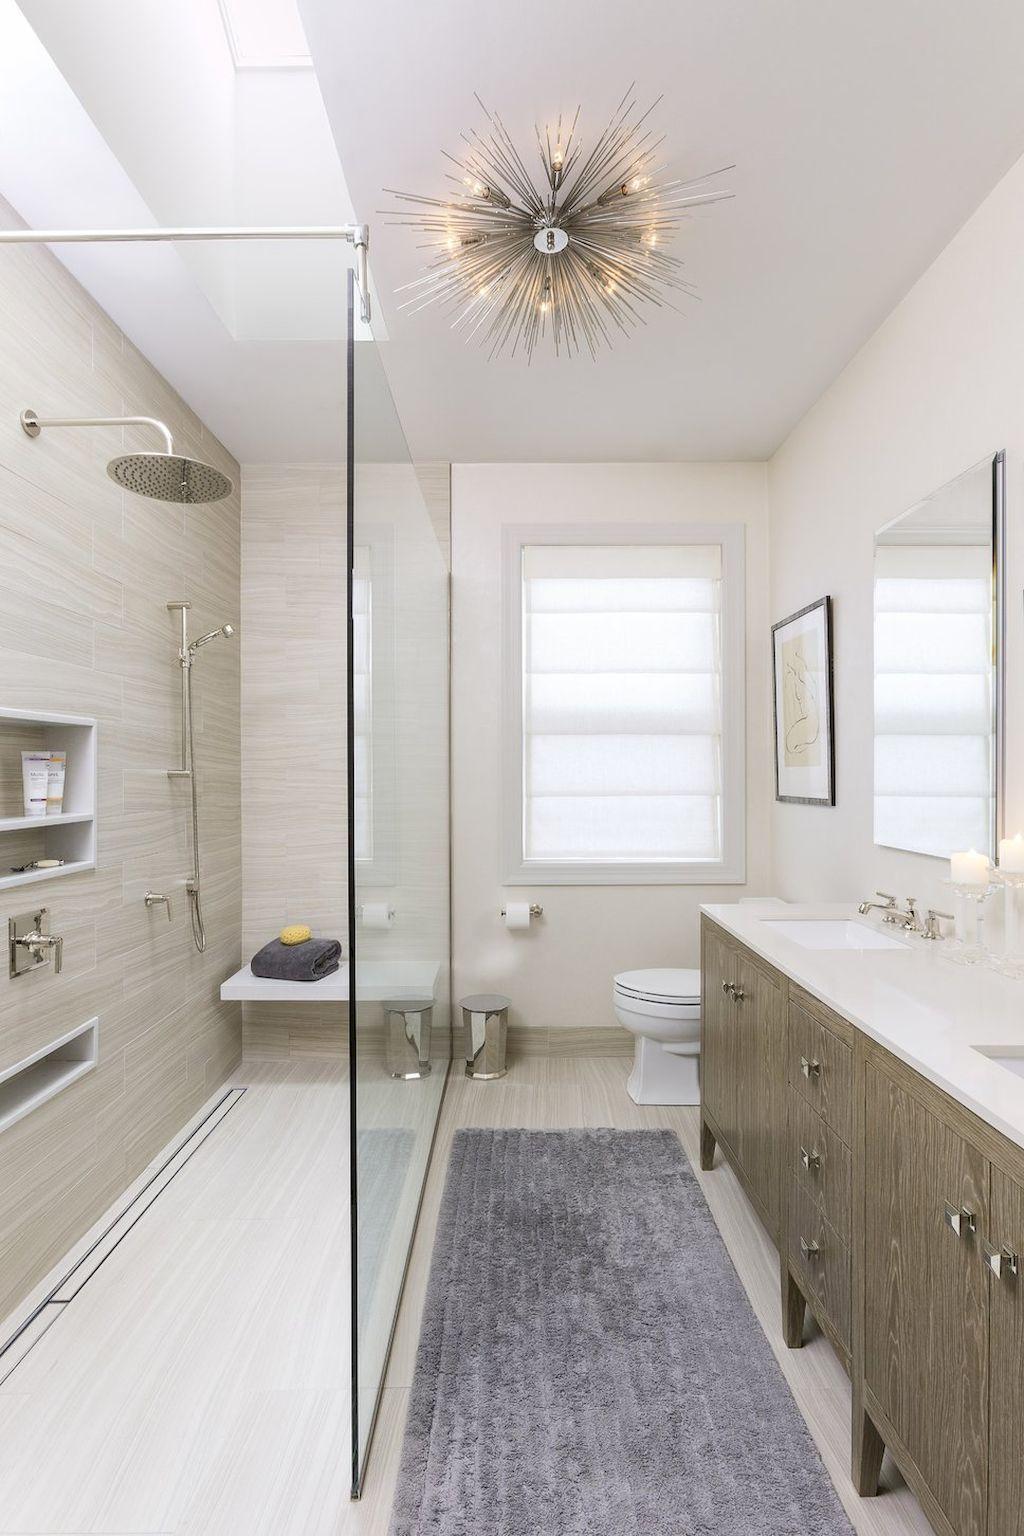 150 stunning small farmhouse bathroom decor ideas and on stunning small bathroom design ideas id=47012